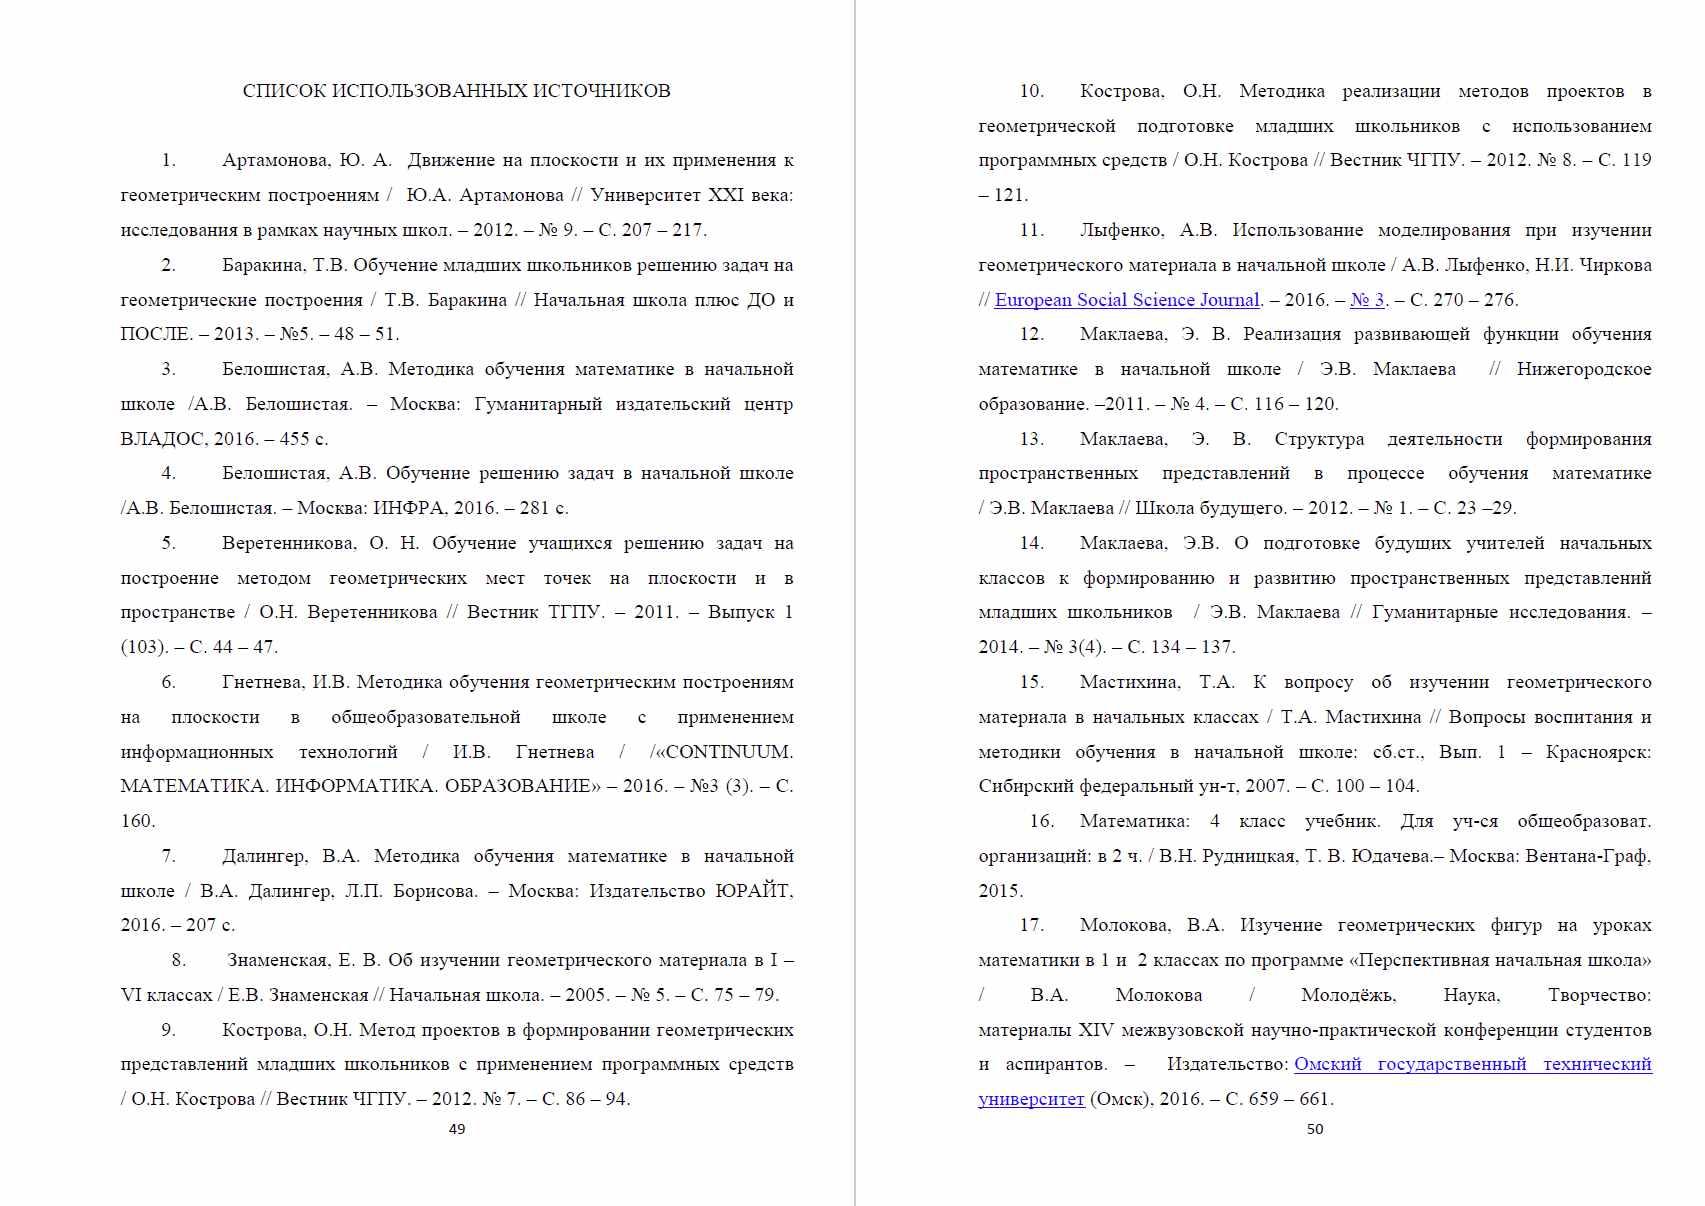 Пример оформления списка литературы